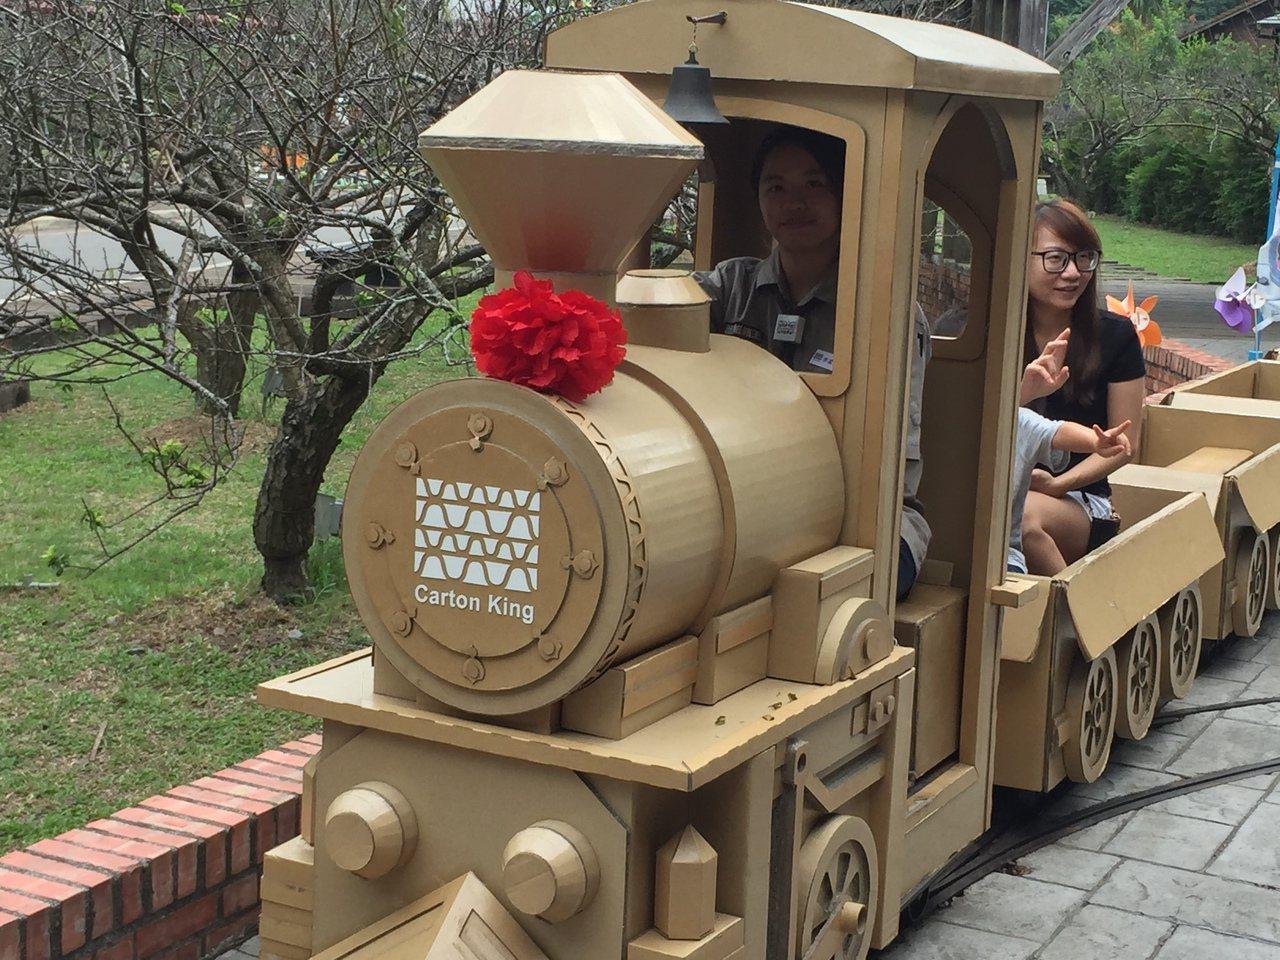 車埕新增紙製的小火車,可搭乘繞行商圈,更讓小朋友著迷。記者江良誠/攝影